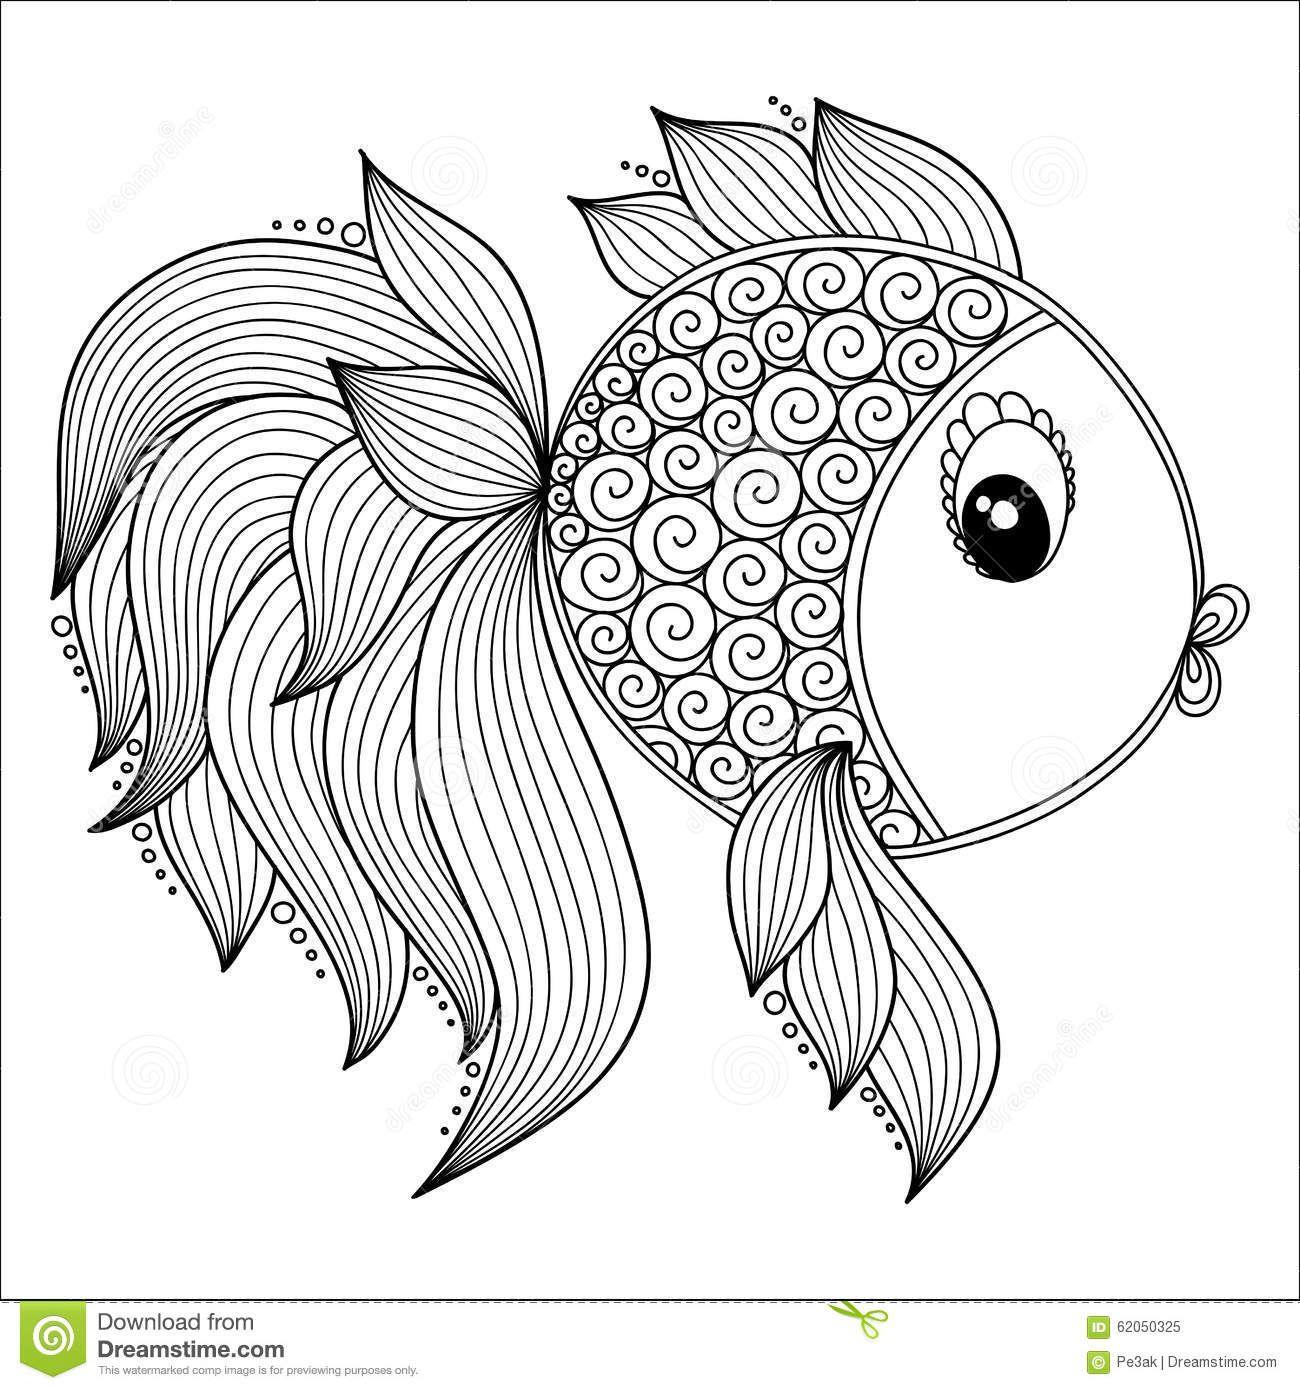 Mod le pour livre de coloriage poissons mignons de dessin - Regarder coup de foudre a bollywood gratuitement ...